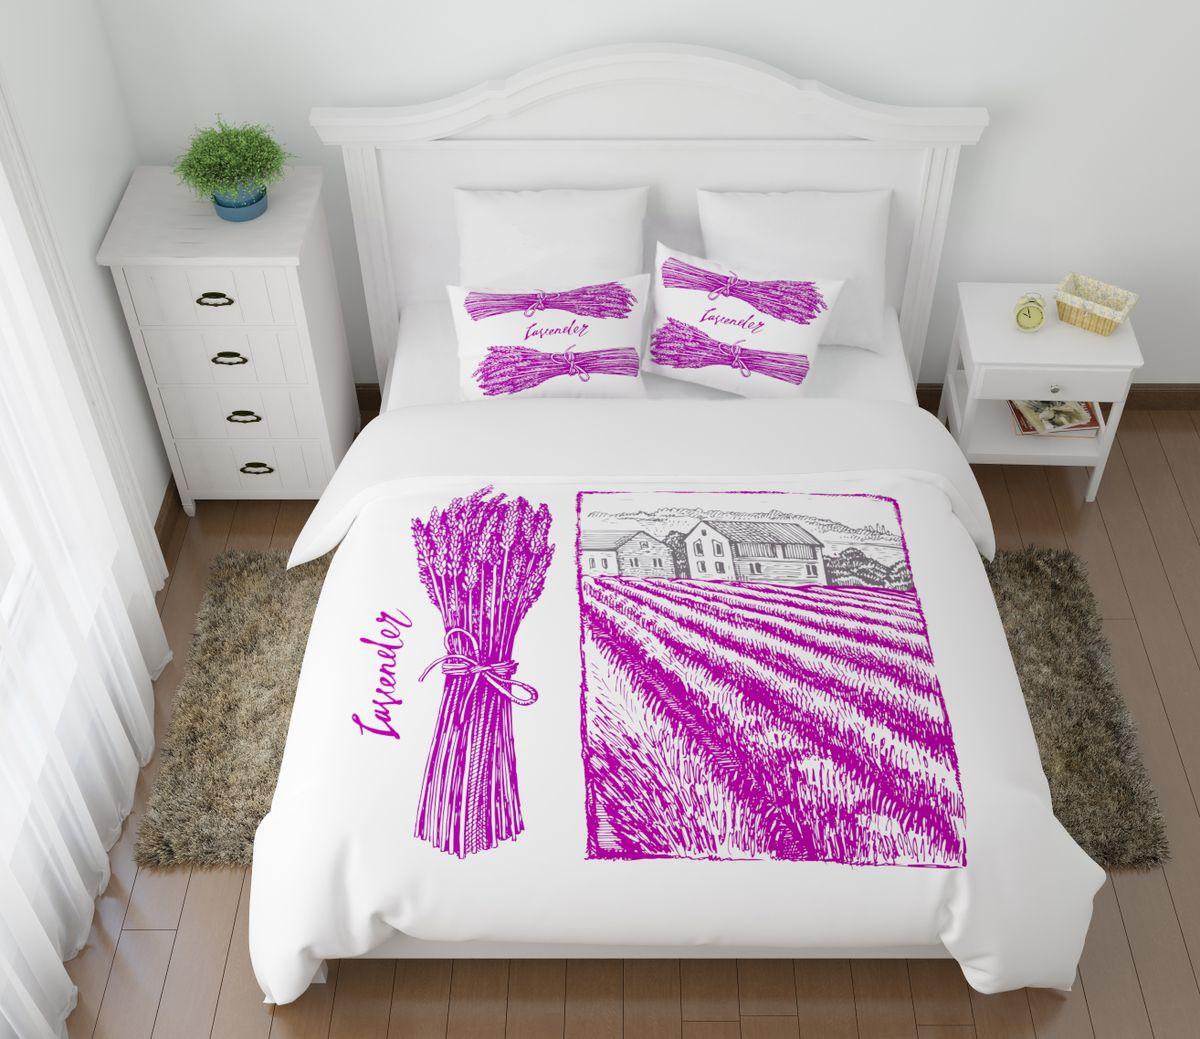 Комплект белья Сирень Лавандовый прованс, 1,5-спальный, наволочки 50x7010503Комплект постельного белья Сирень Лавандовый прованс состоит из простыни, пододеяльника и 2 наволочек. Комплект выполнен из современных гипоаллергенных материалов. Приятный при прикосновении сатин - гарантия здорового, спокойного сна. Ткань хорошо впитывает влагу, надолго сохраняет яркость красок. Четкий, изящный рисунок в сочетании с насыщенными красками делает комплект постельного белья неповторимой изюминкой любого интерьера. Постельное белье идеально подойдет для подарка.